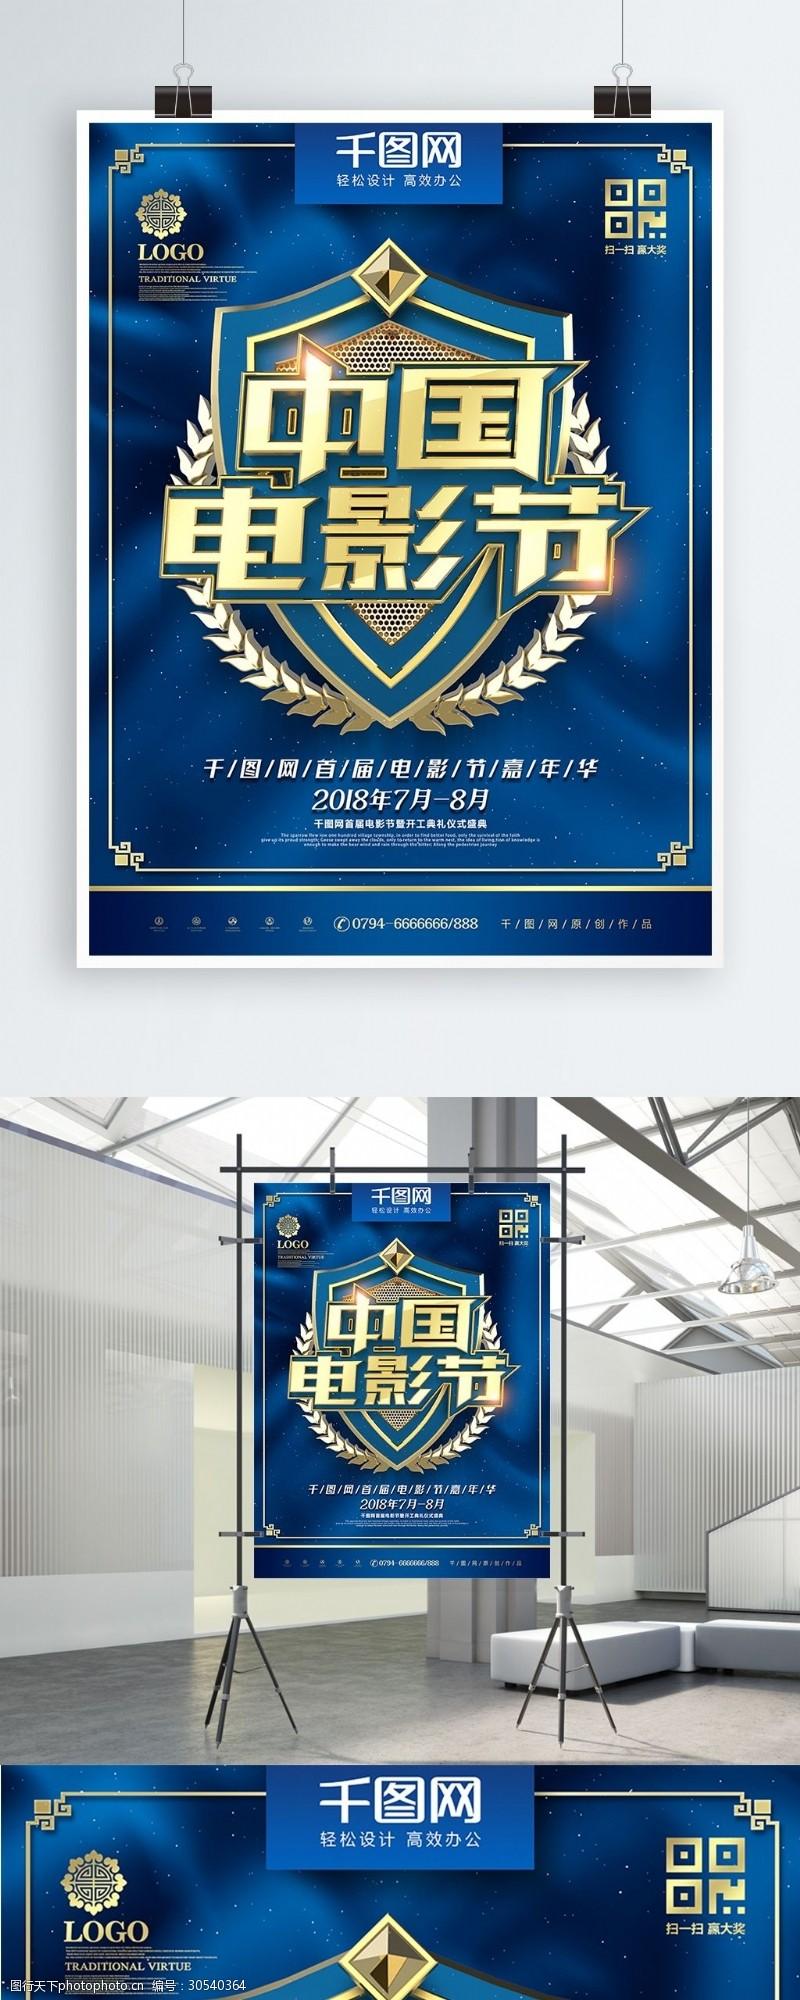 免费电影创意高档蓝金质感中国电影节电影节宣传海报